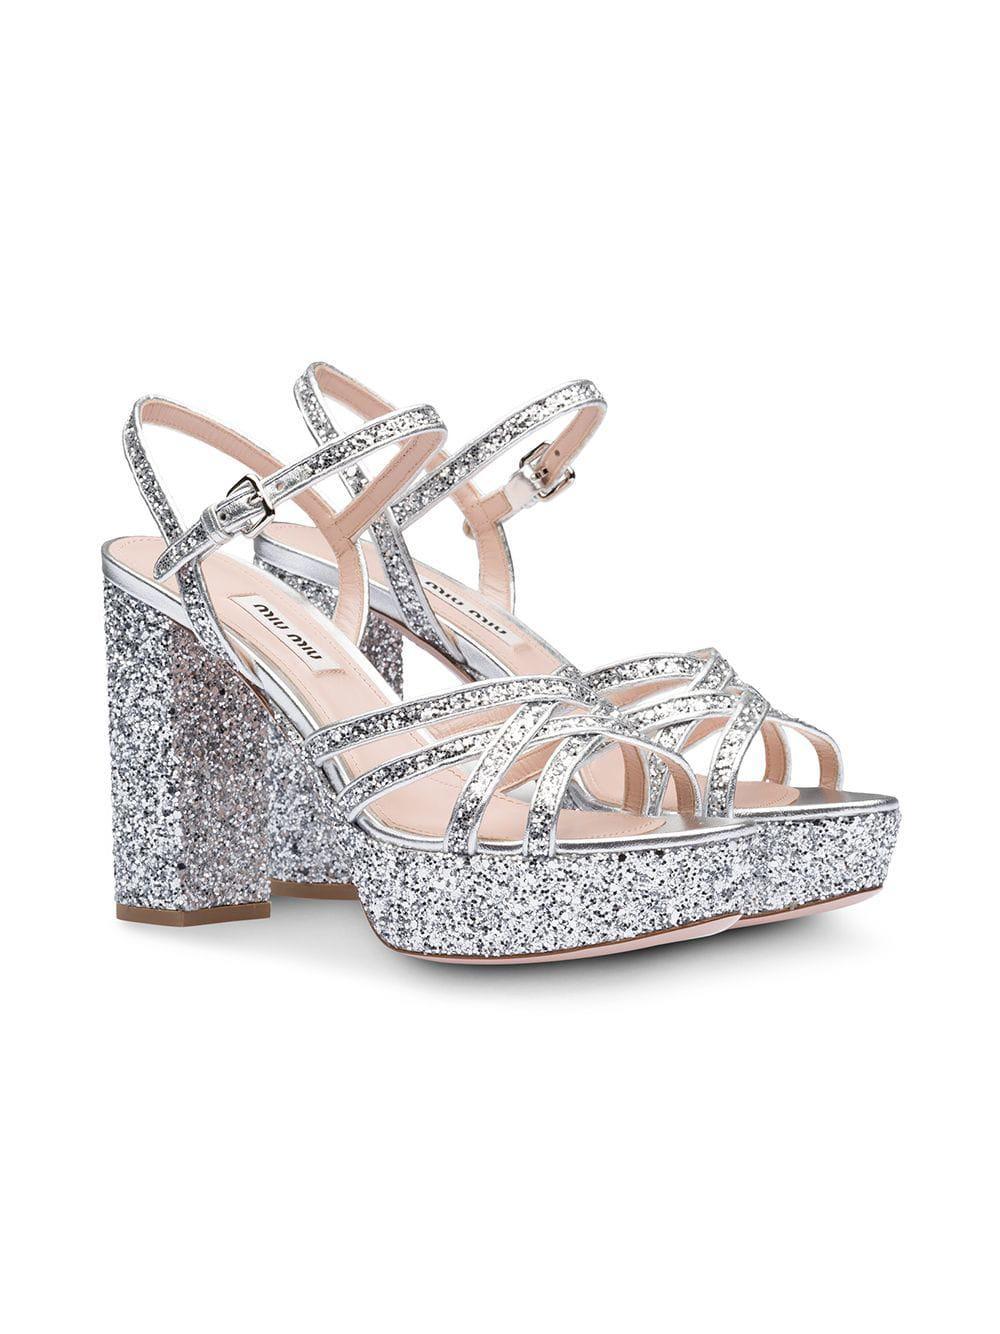 7e85e78255 Miu Miu Glitter Platform Sandals in Metallic - Save 50% - Lyst